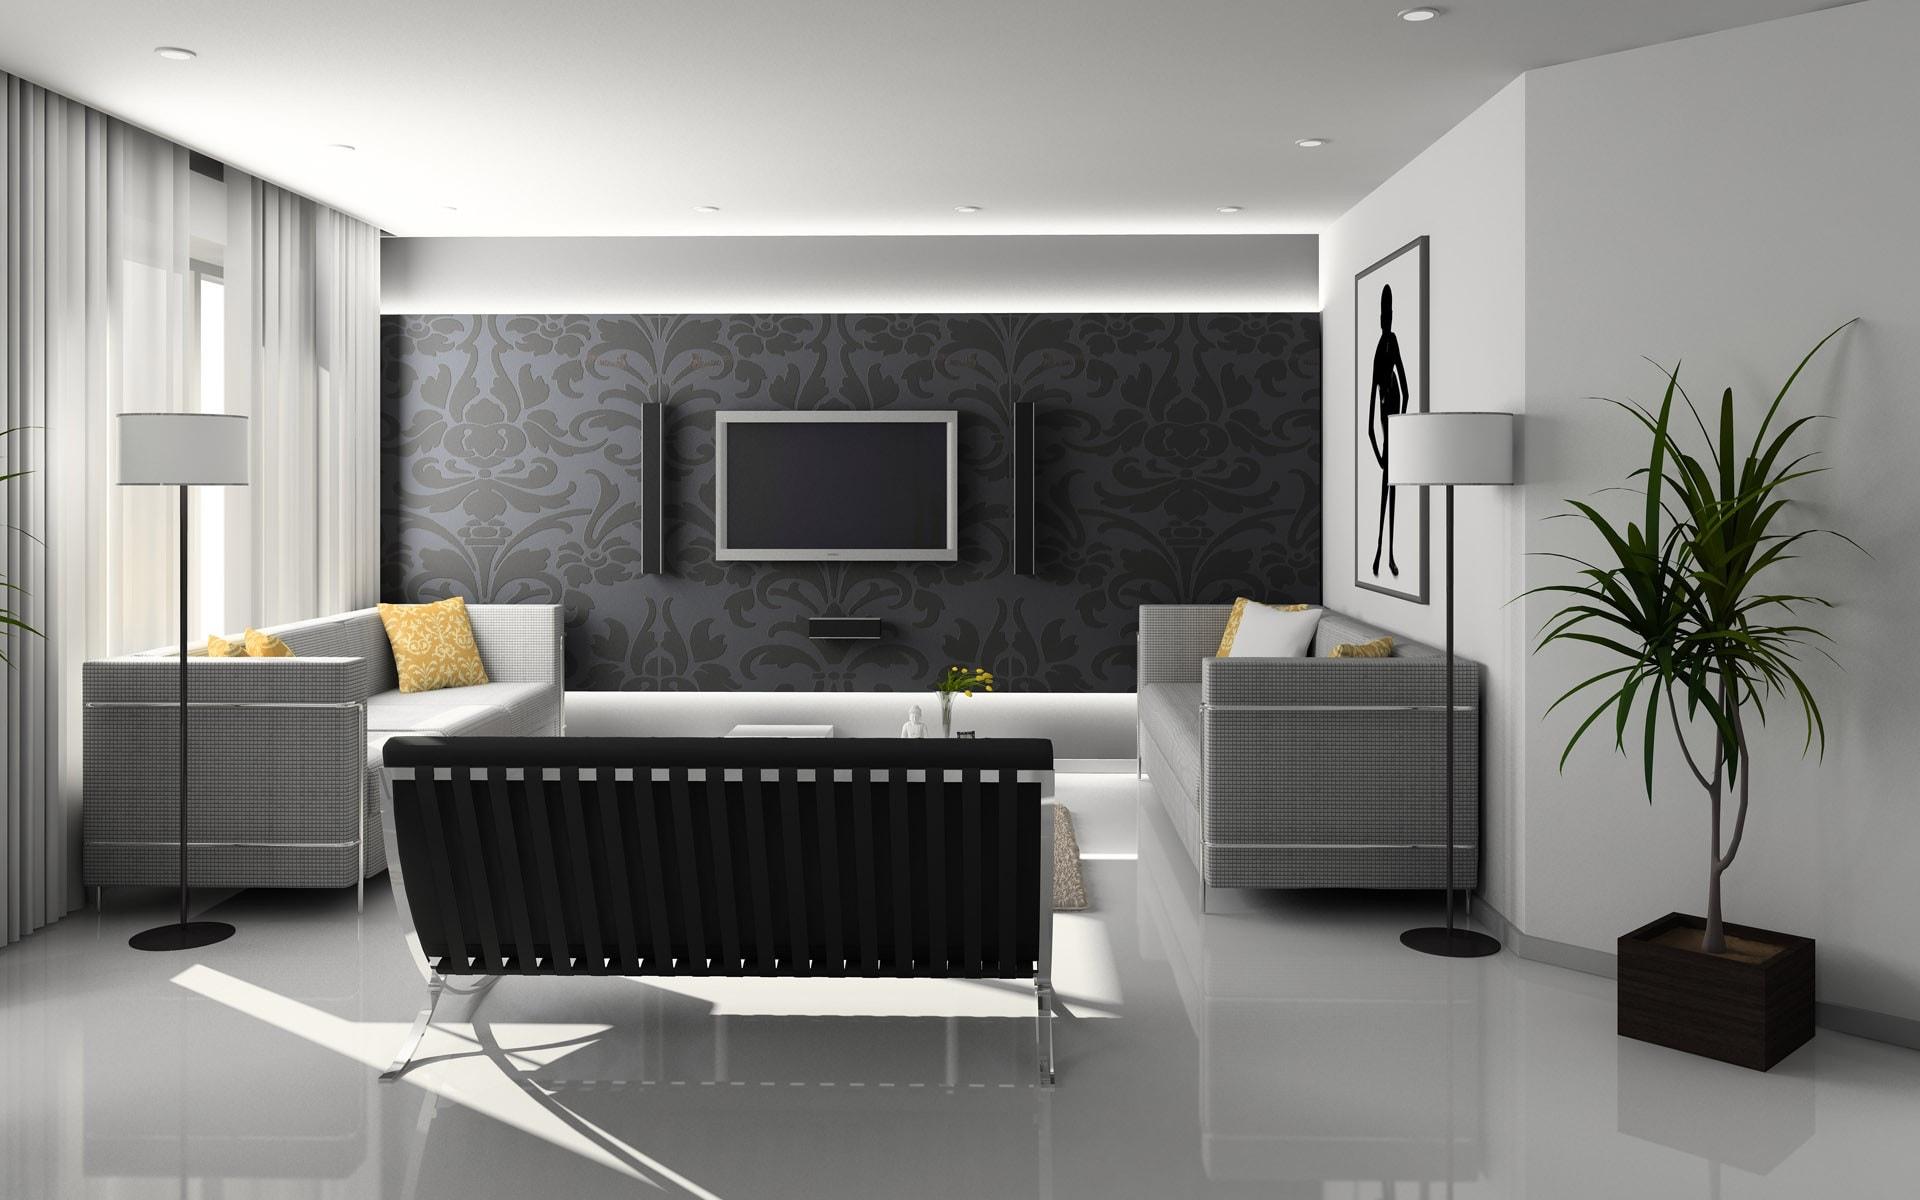 """<a href=""""https://pixabay.com/en/livingroom-interior-design-furniture-1032733/"""" target=""""_blank"""" rel=""""noopener"""">© Diegodiezperez123/Pixabay</a>"""